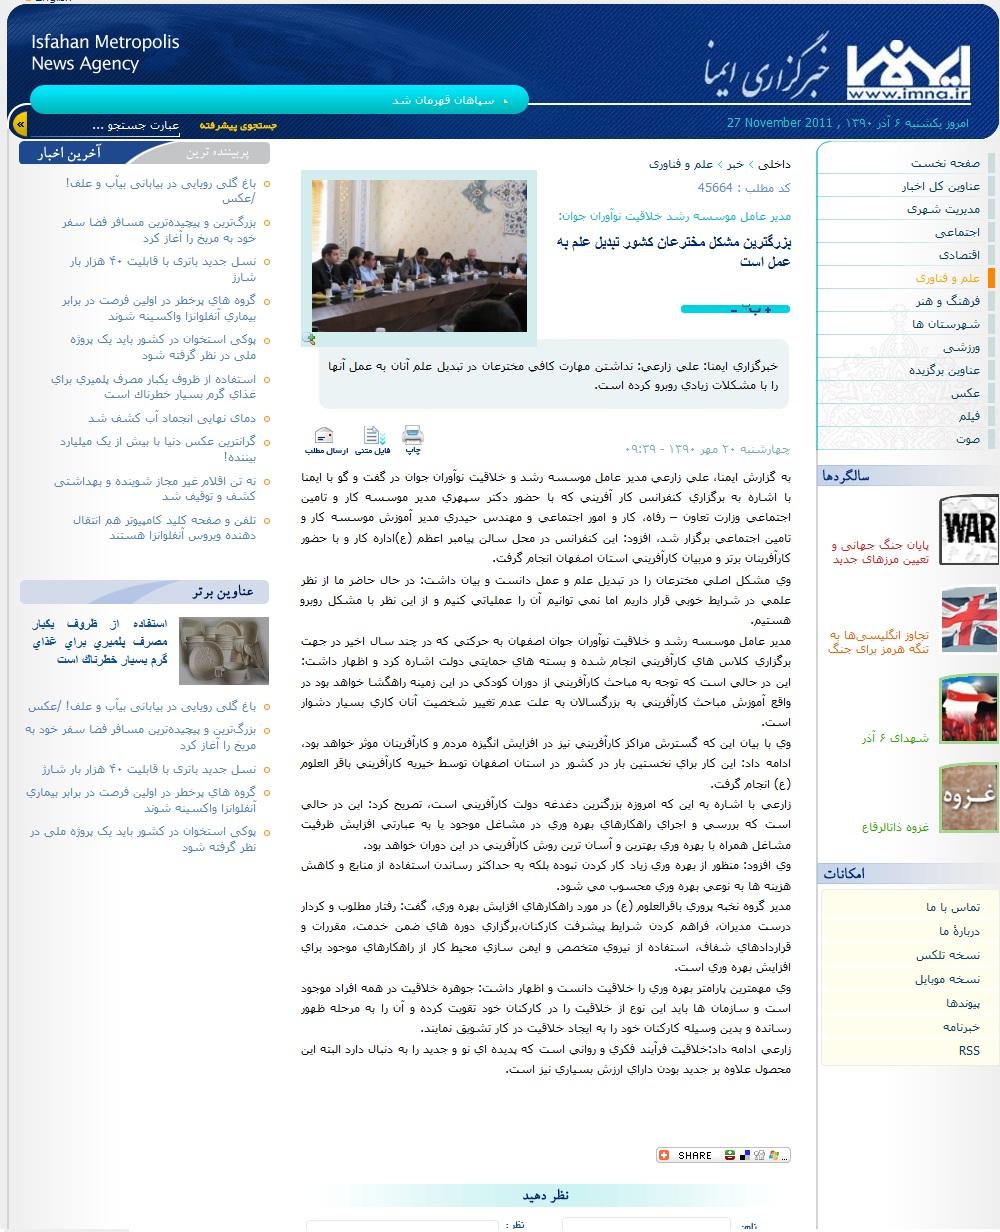 http://www.n-javan.com/khabargozariha/imna-edarehkar.jpg